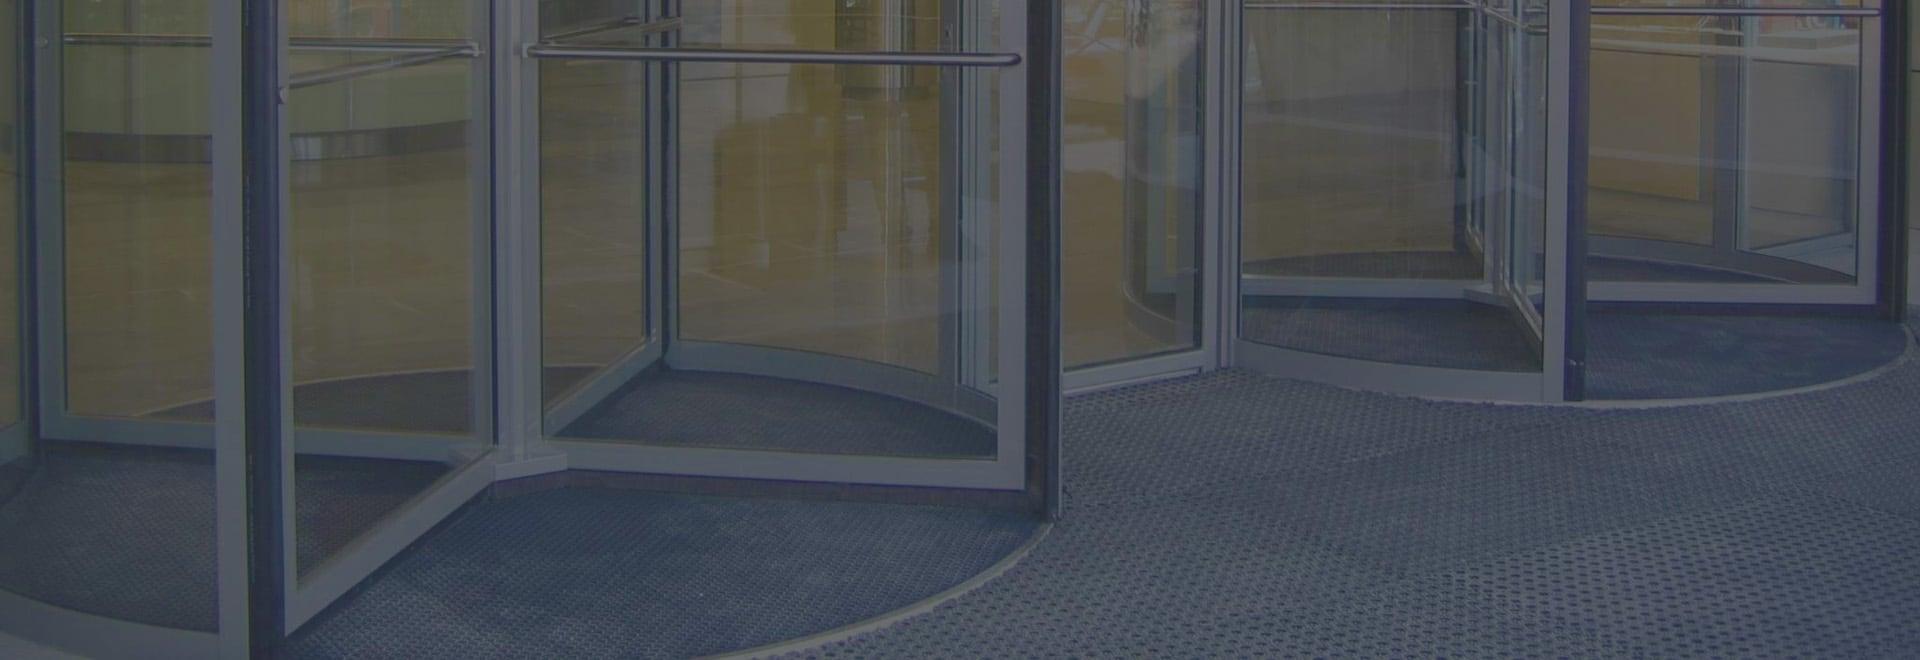 Автоматические двери рязань